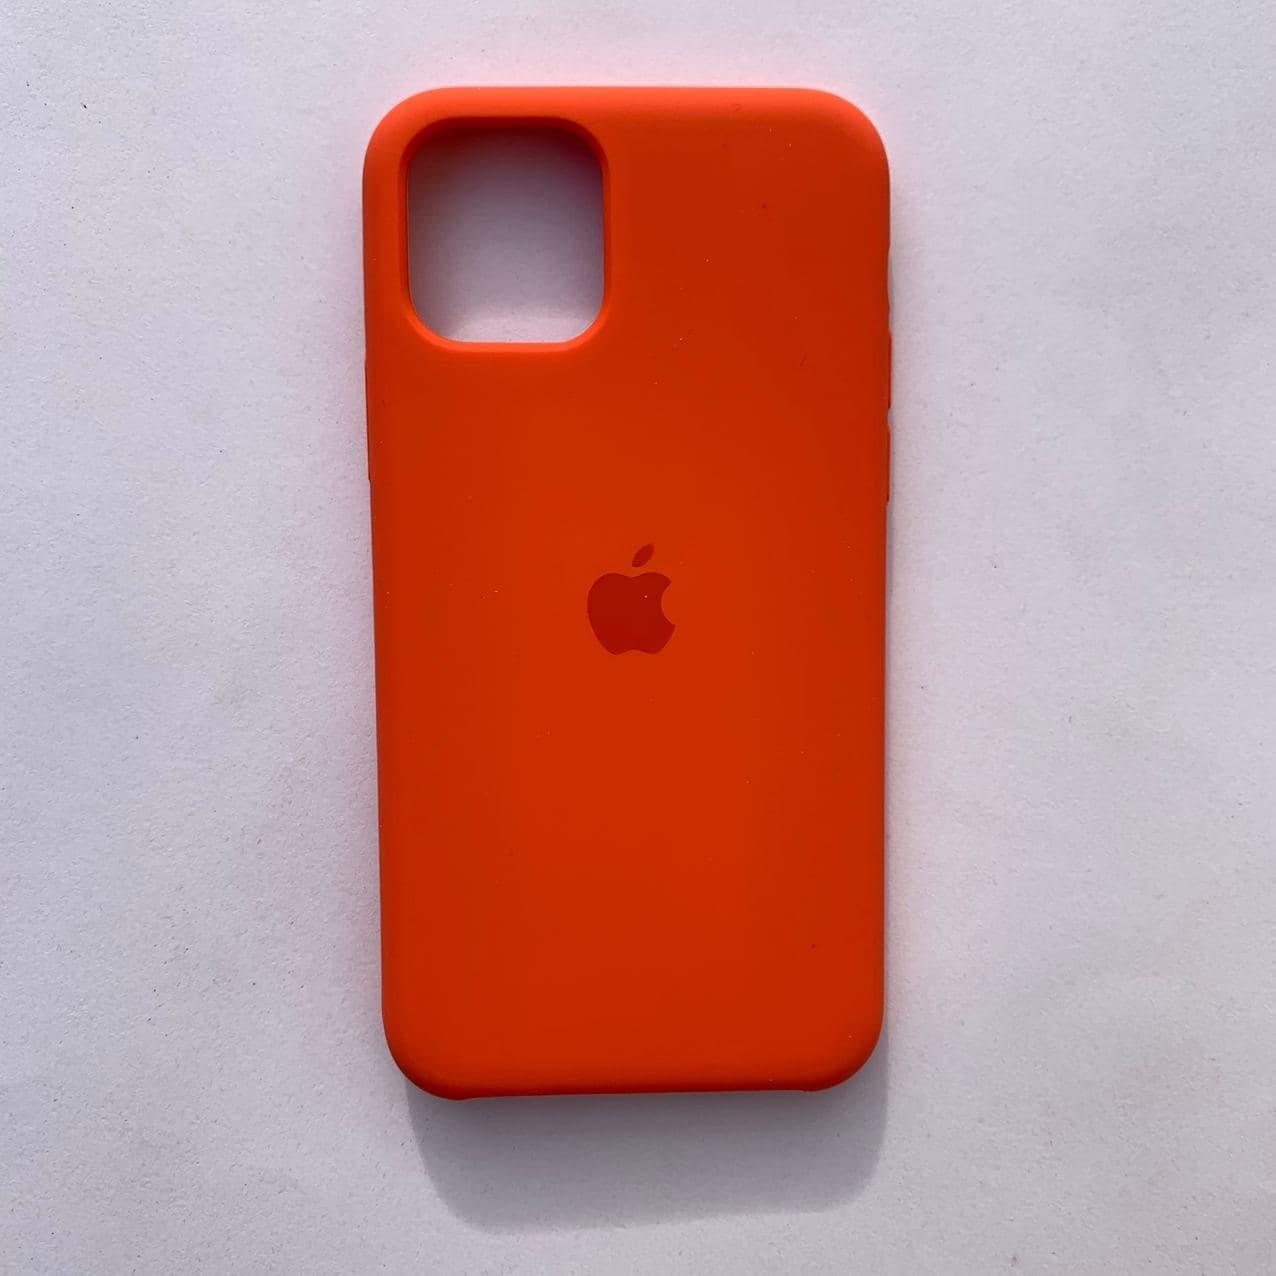 Чехол Silicone Case для Apple iPhone 11 Pro Orange